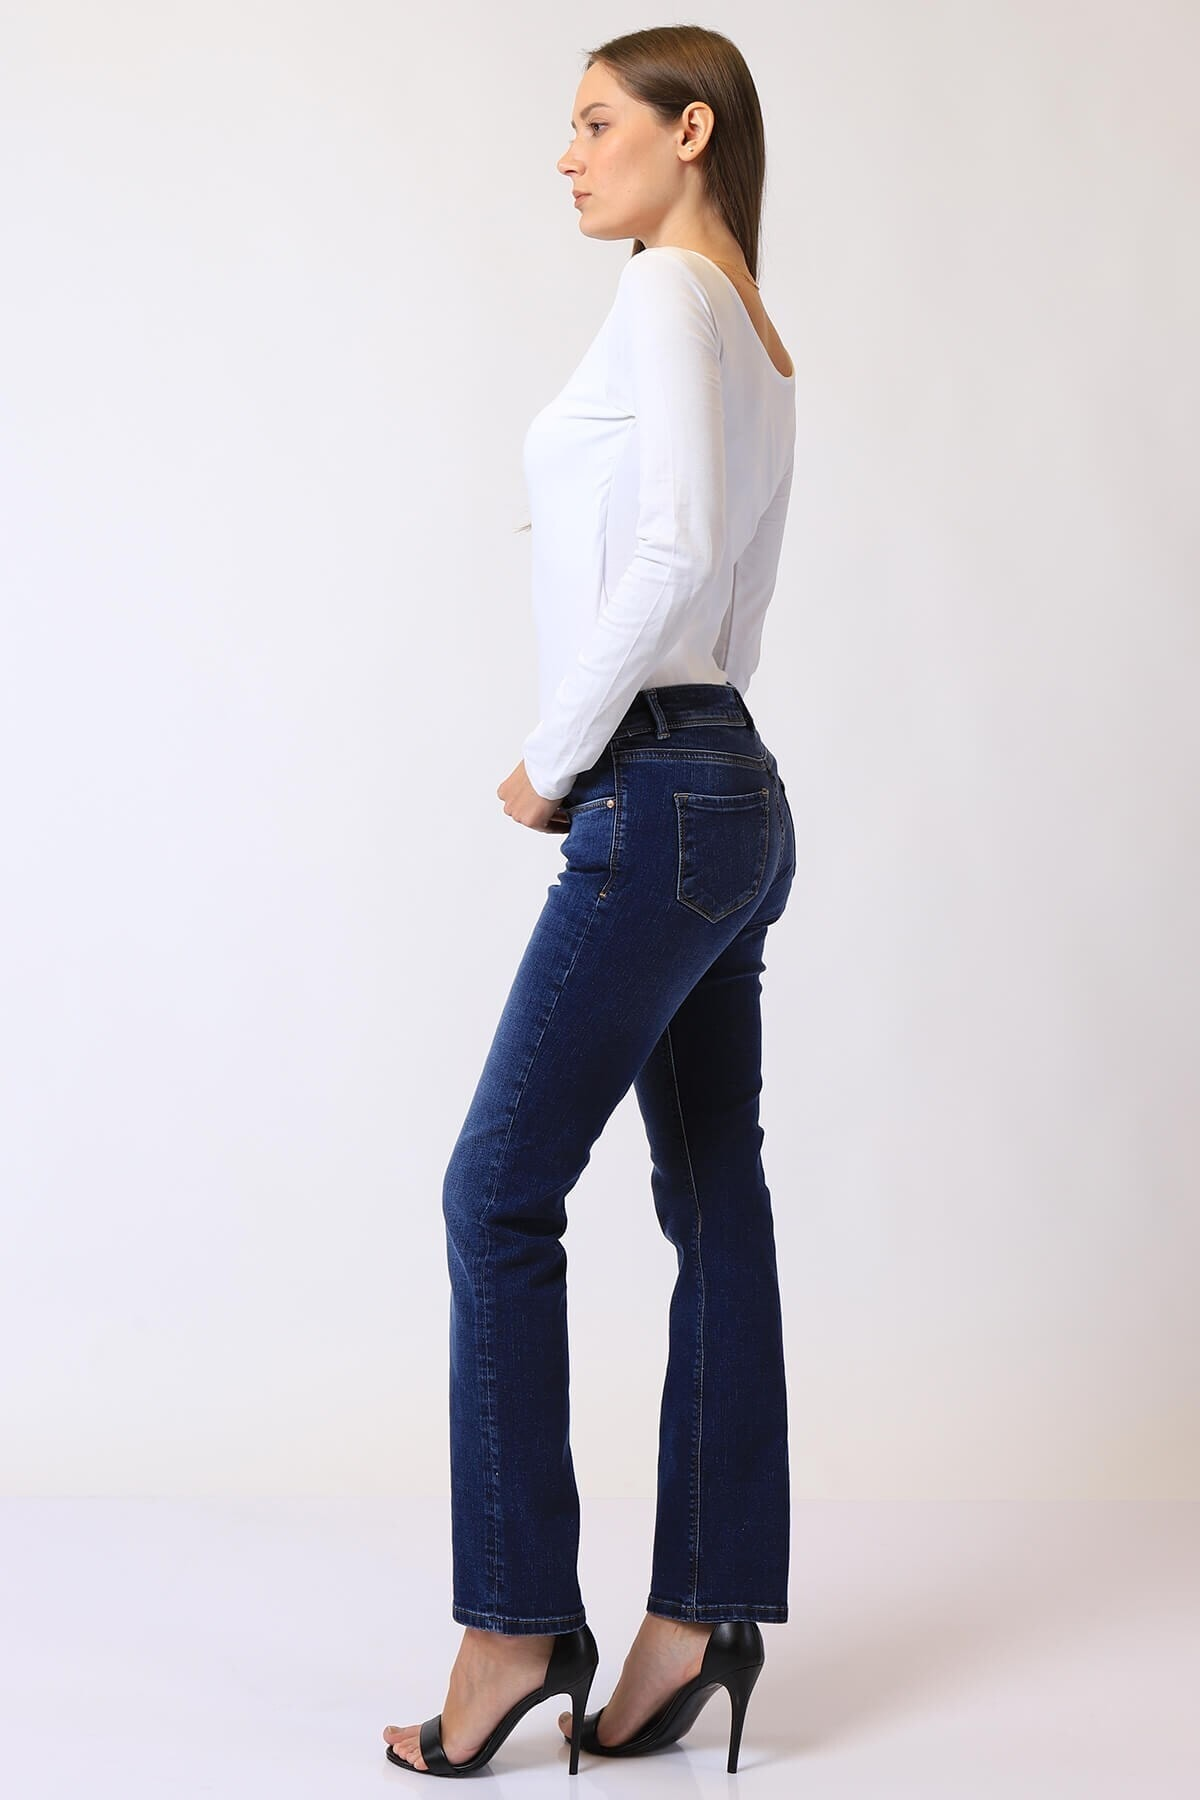 Twister Jeans Kadın Slim Fit Düşük Bel Pantolon Suzy 9001-24 (T) 24 2